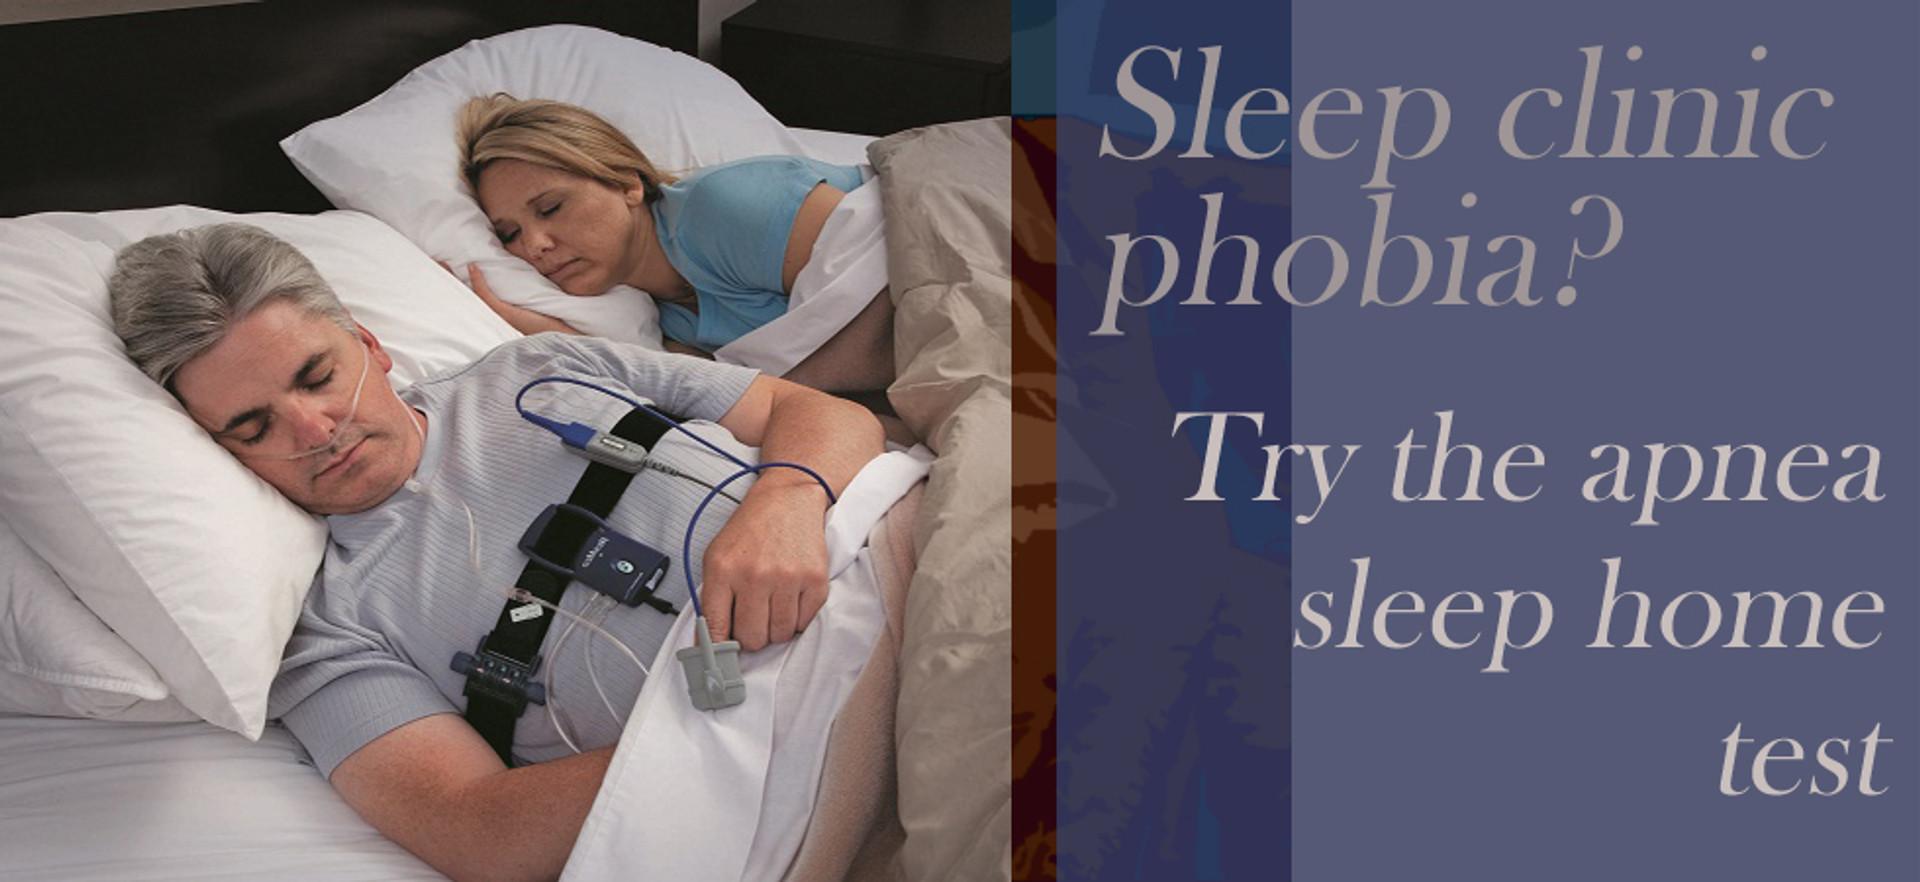 SLEEP CLINIC - APNEA TEST - SNORING TEST KIT